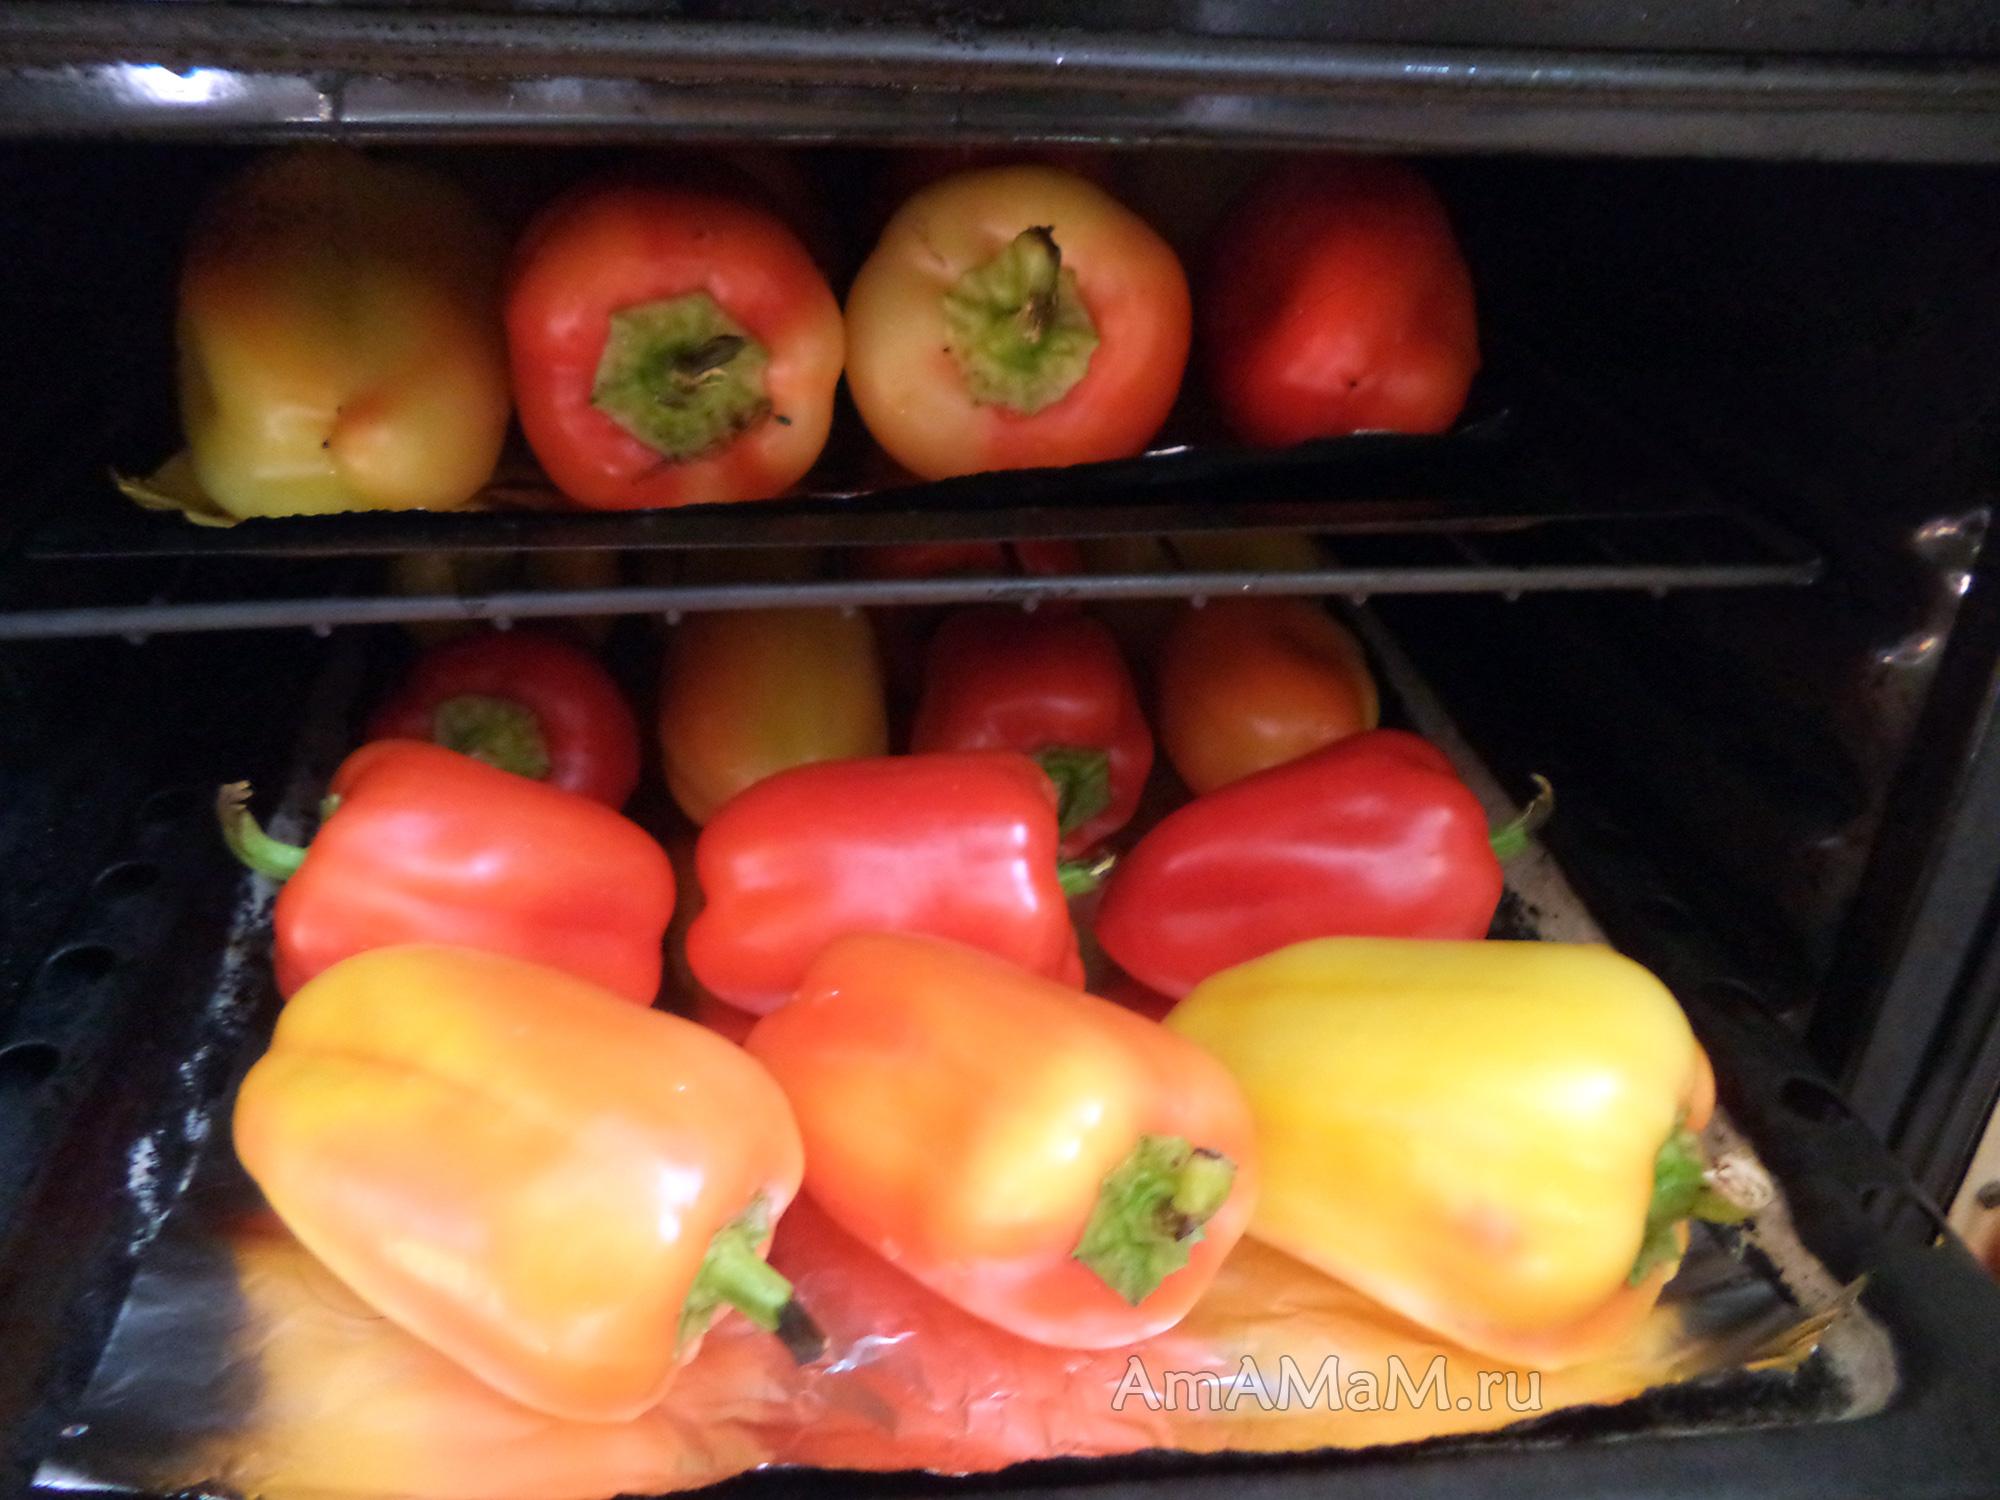 Когда опрыскивать помидоры от фитофторы Вырасти сад! 59